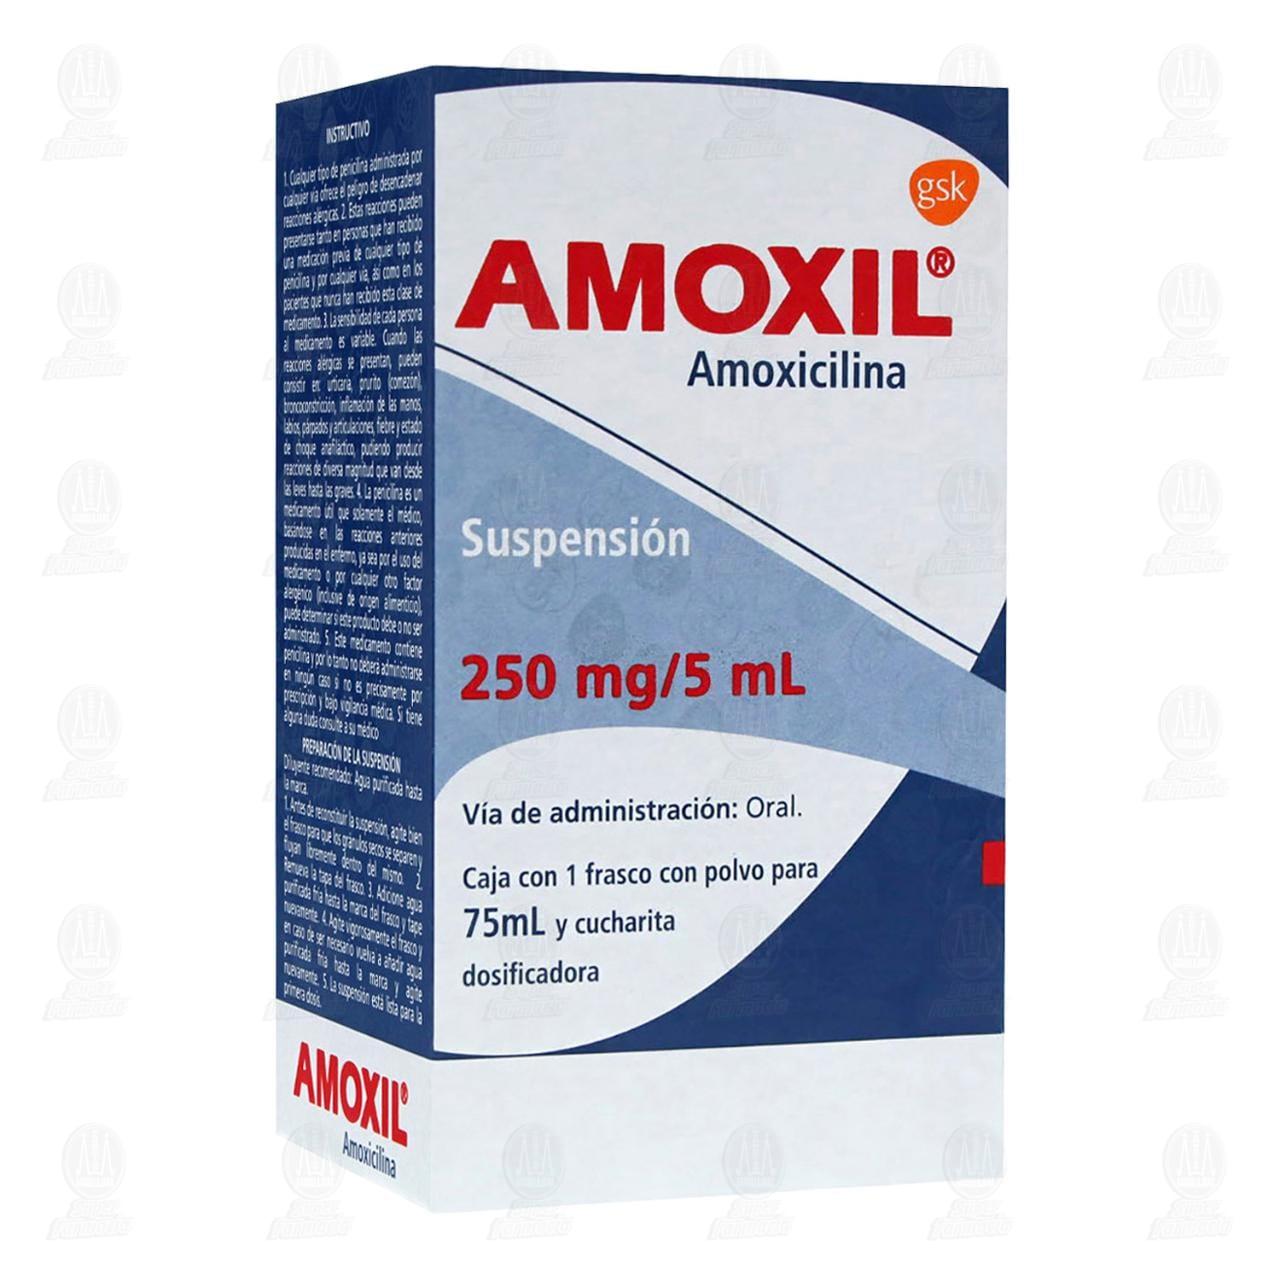 Comprar Amoxil 250mg/5ml 75ml Suspensión en Farmacias Guadalajara